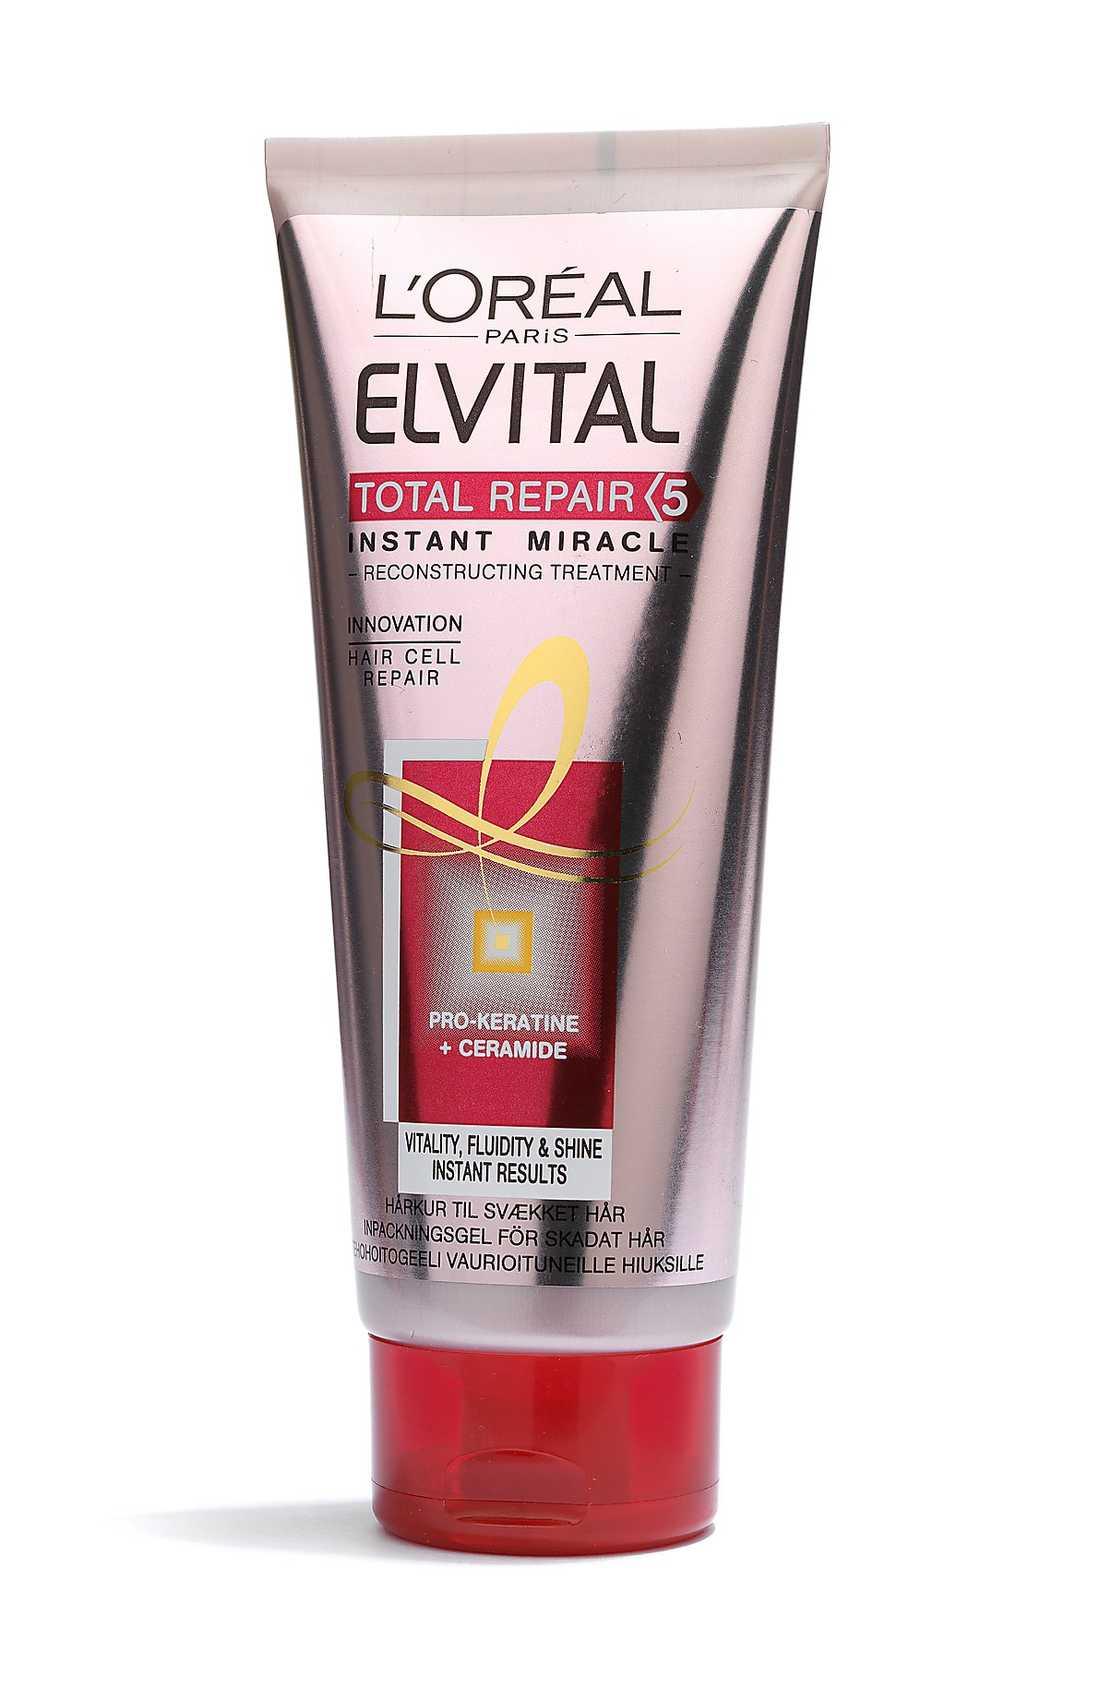 """""""Total repair 5 instant miracle"""" Lättanvänd! Praktisk kladdfri tub med rosa inpackning. Lätt och fin doft. Går snabbt in i håret, verkar direkt och sköljs ur efter någon minut. Håret blir lättkammat, mjukt och fylligt - men känns allt för snabbt som vanligt igen. 85 kr, L'Oréal."""